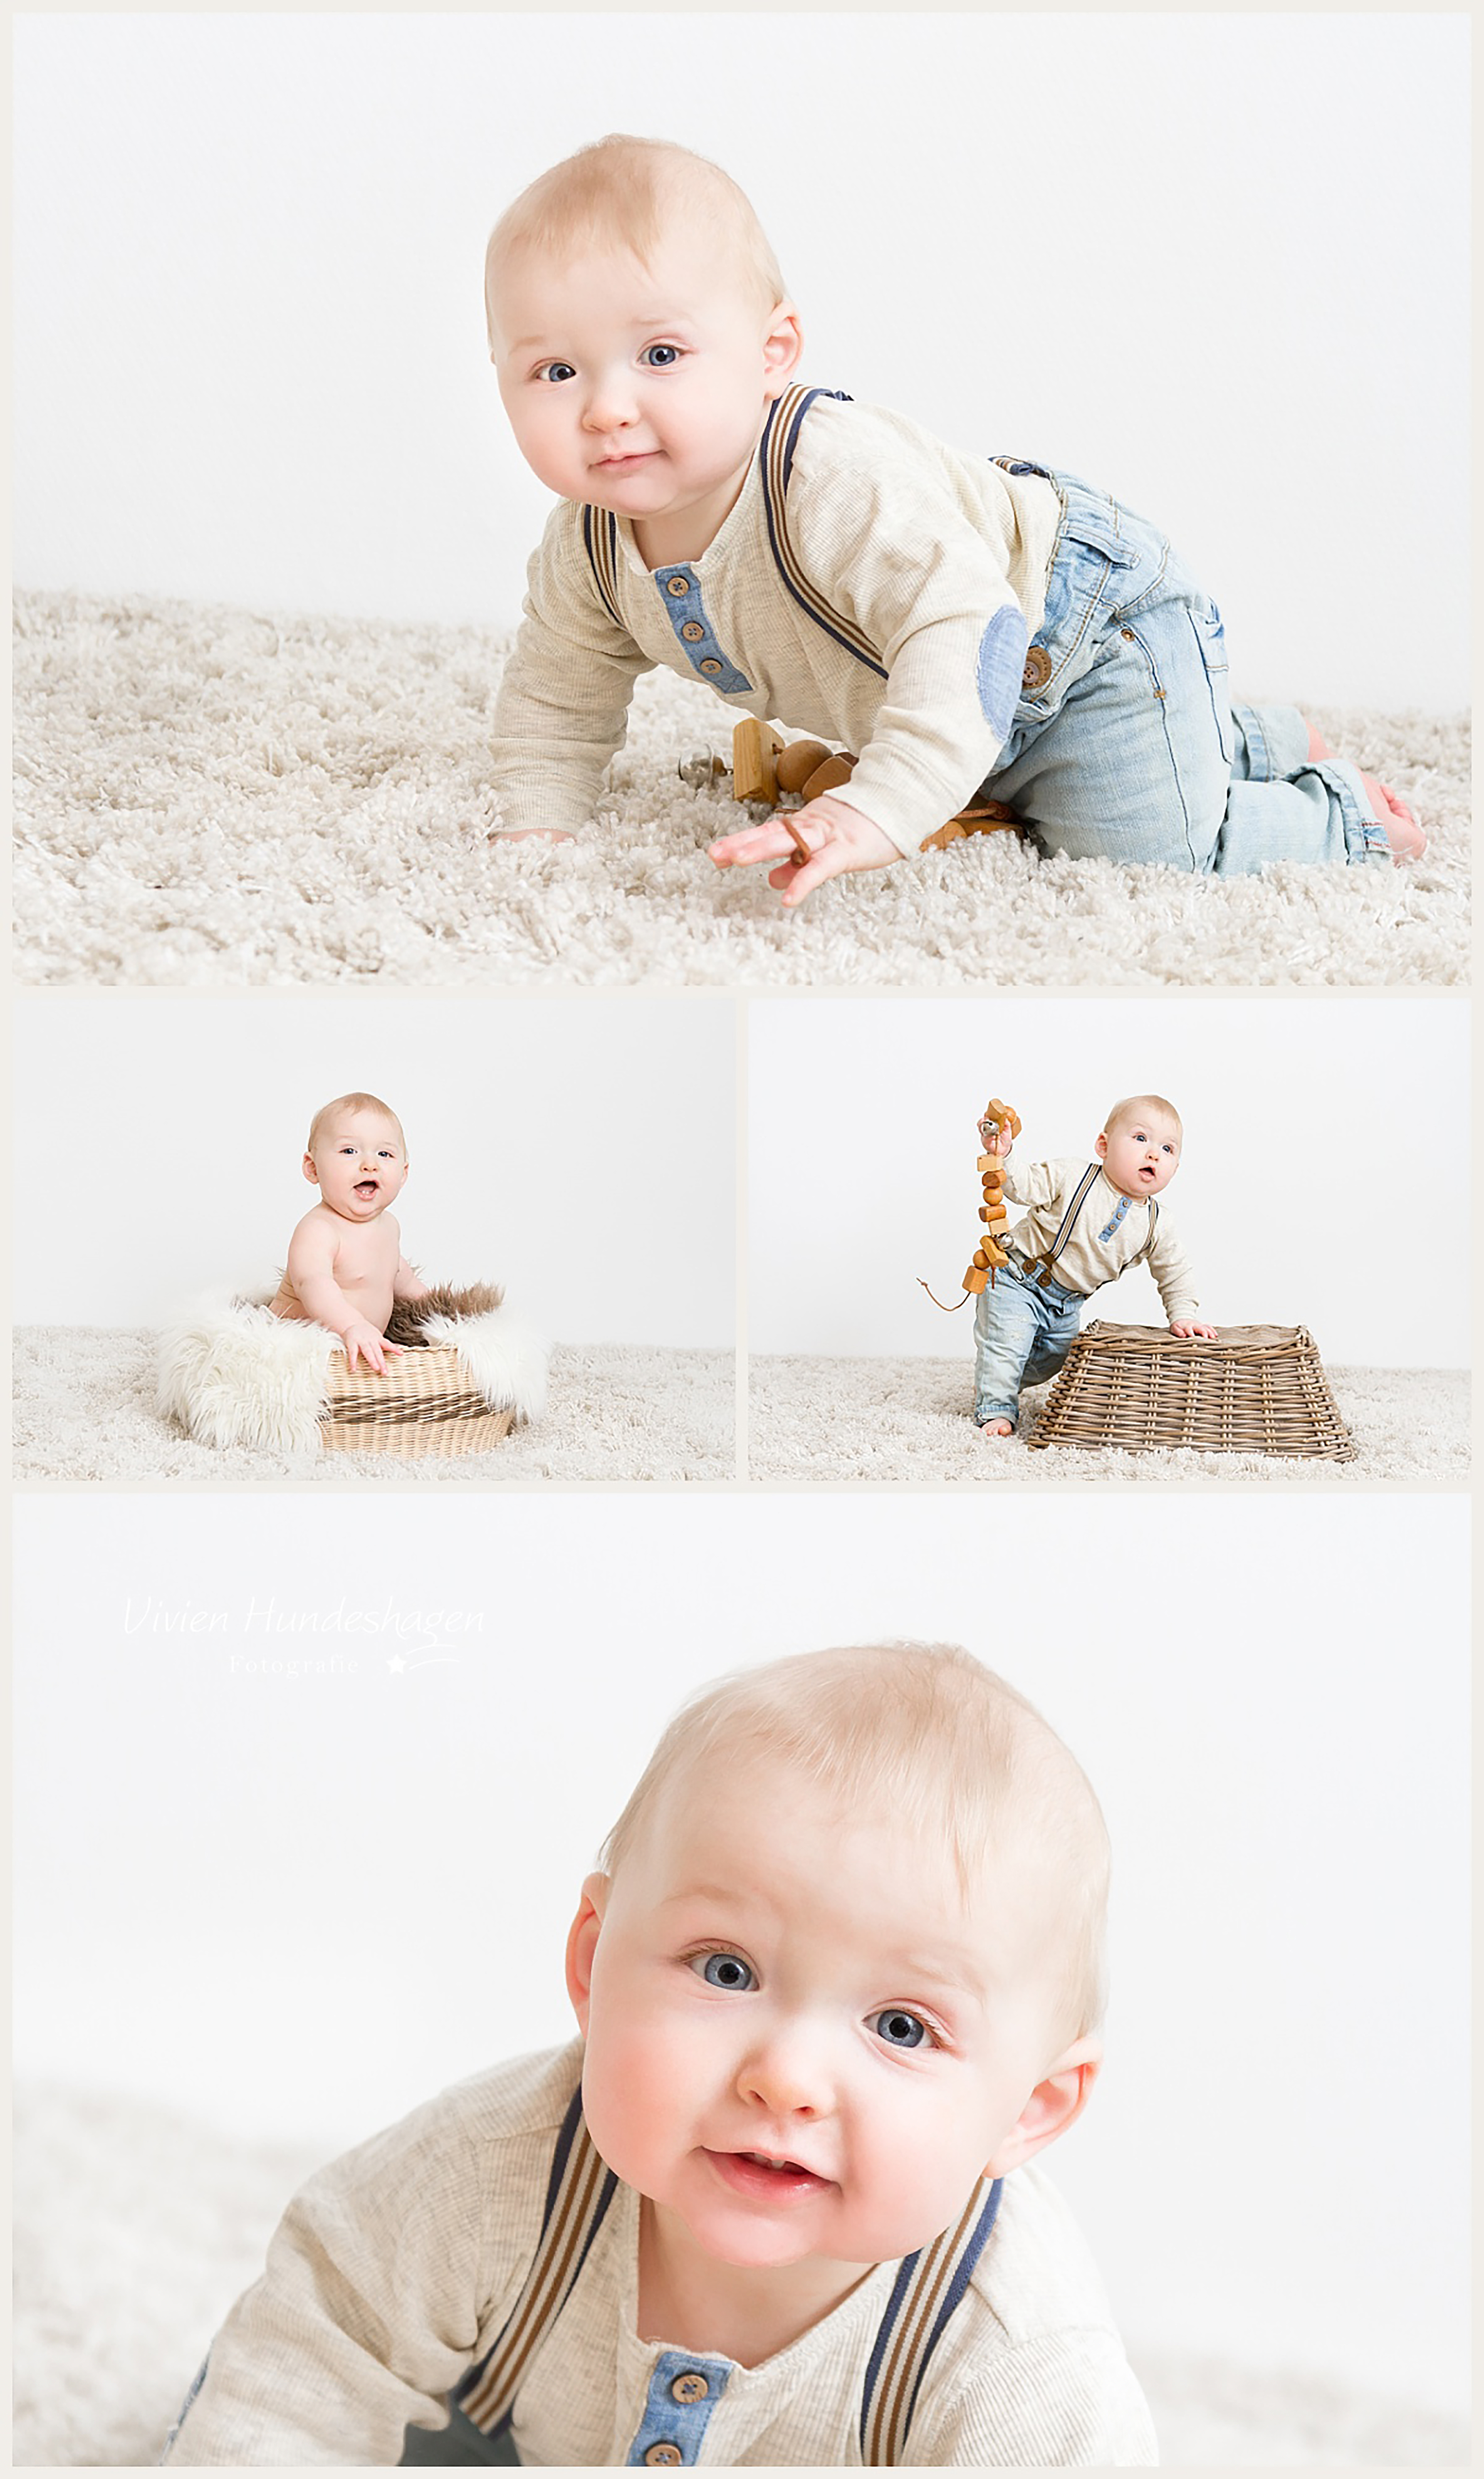 babyfotos Braunschweig 9 Monate Familienfotos natürliche Fotos